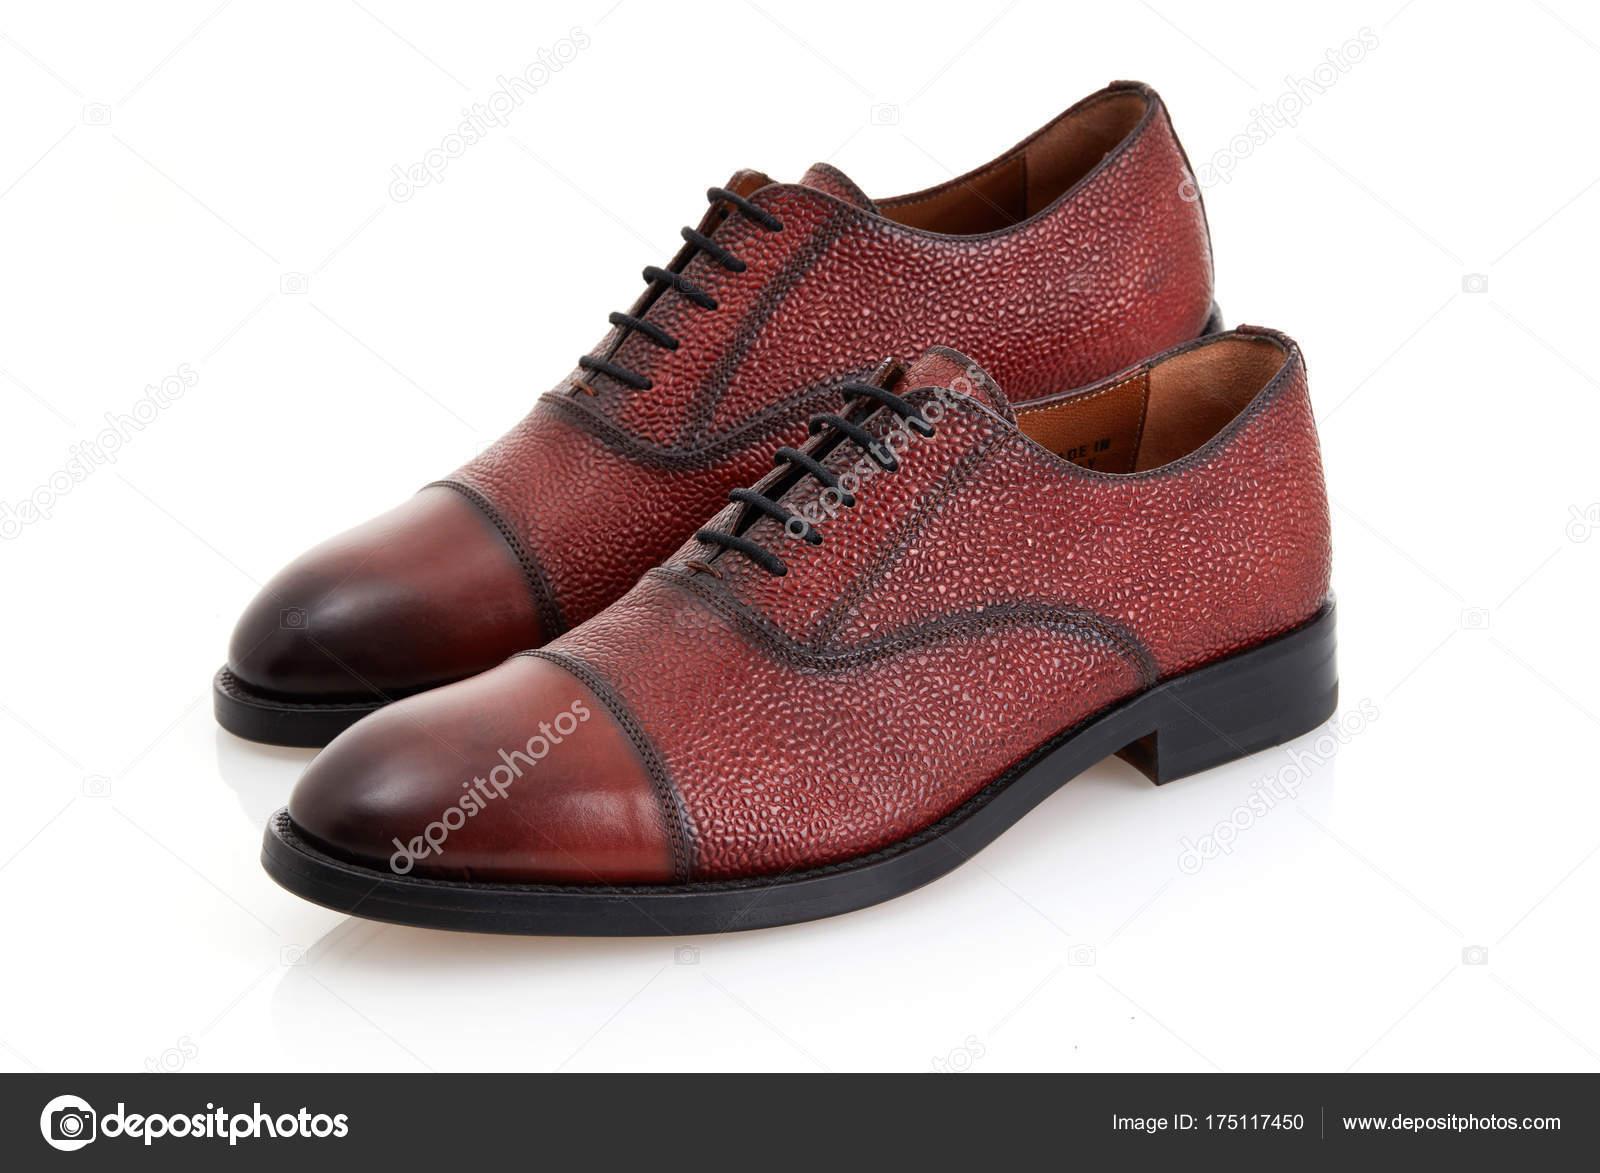 4a88179235 Zapatos de vestir marrón aislados sobre fondo blanco — Foto de ...